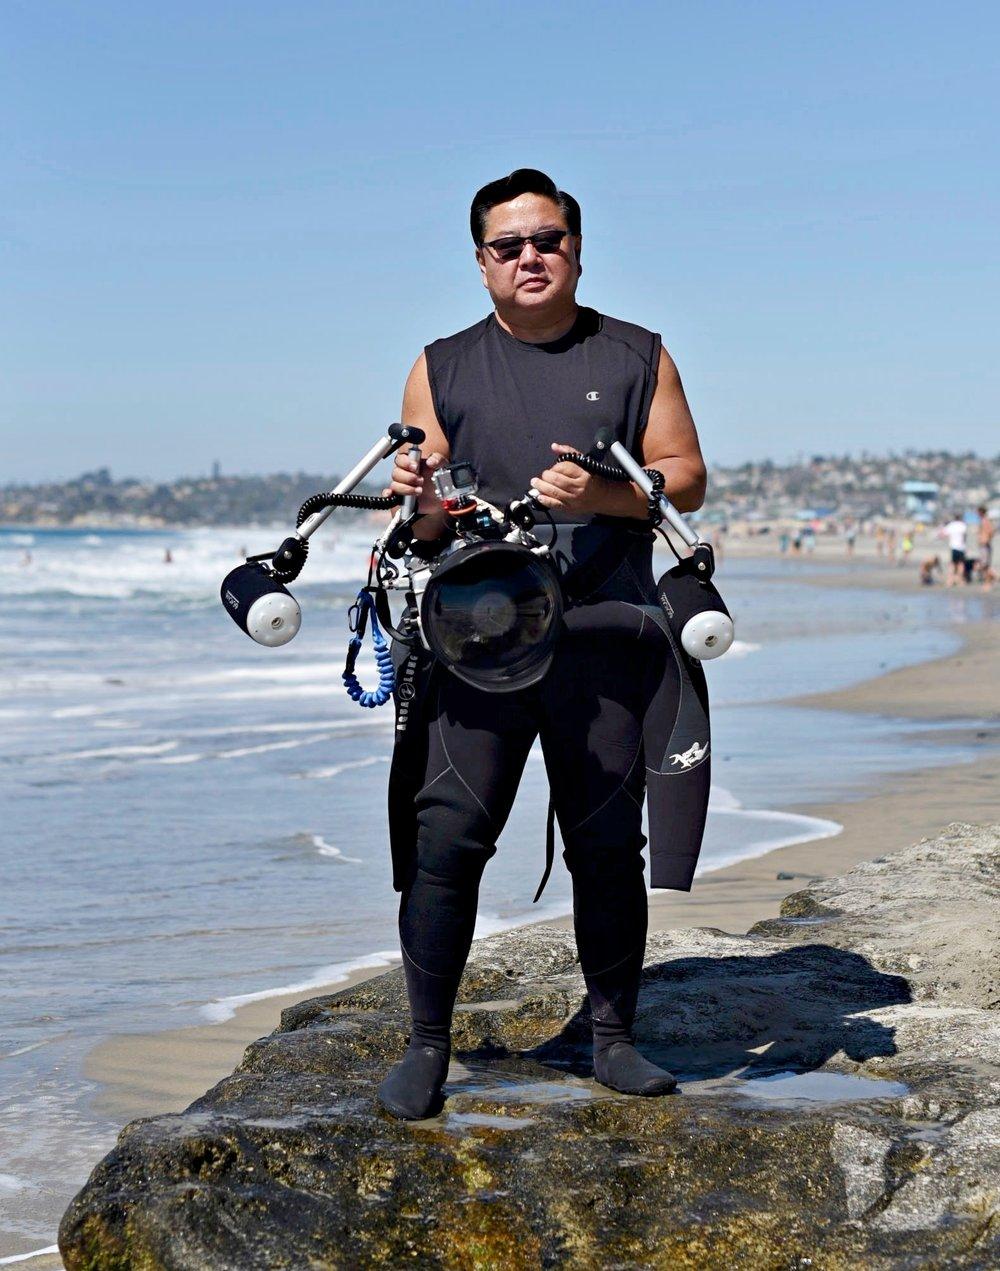 알렉스 서 (Alex Suh)   알렉스는 기업가이며, '죠스'가 영화관에서 처음 상영 되었을 때 자격있는 다이버가 되었습니다. 다른 사람들은 물 밖에 남아있었지만, 그는 물로 뛰어들었습니다. 수년간 상어 및 다른 큰 해양생물들과 함께 다이빙을 해왔습니다. 취미로 수중사진을 시작했고 자신을 아직까지 매일매일 배우고 있는 아마추어라고 생각합니다.  그는 매크로이미지를 찍으며 수중사진을 시작했으나 백상아리와 뱀상어 그리고 귀상어와 같은 다른 여러 종류의 상어와 함께 다이빙을 하기 시작하면서, 광각사진으로 전환 했습니다.  또한 그는 드론에서 360도 비디오촬영까지 다양한 형식을 즐기며, '360Fly'의 홍보대사이기도 합니다.  그는 'Save My Fins'를 구상했습니다. 그리고 자금 조달을 위해 이미지, 티셔츠 그리고 기타 작품을 판매하고, 이 모든 수익으로 이 프로젝트 및 바다와 상어를 보호하기 위한 긍정적인 동기로 다른 단체를 지원하고 있습니다.